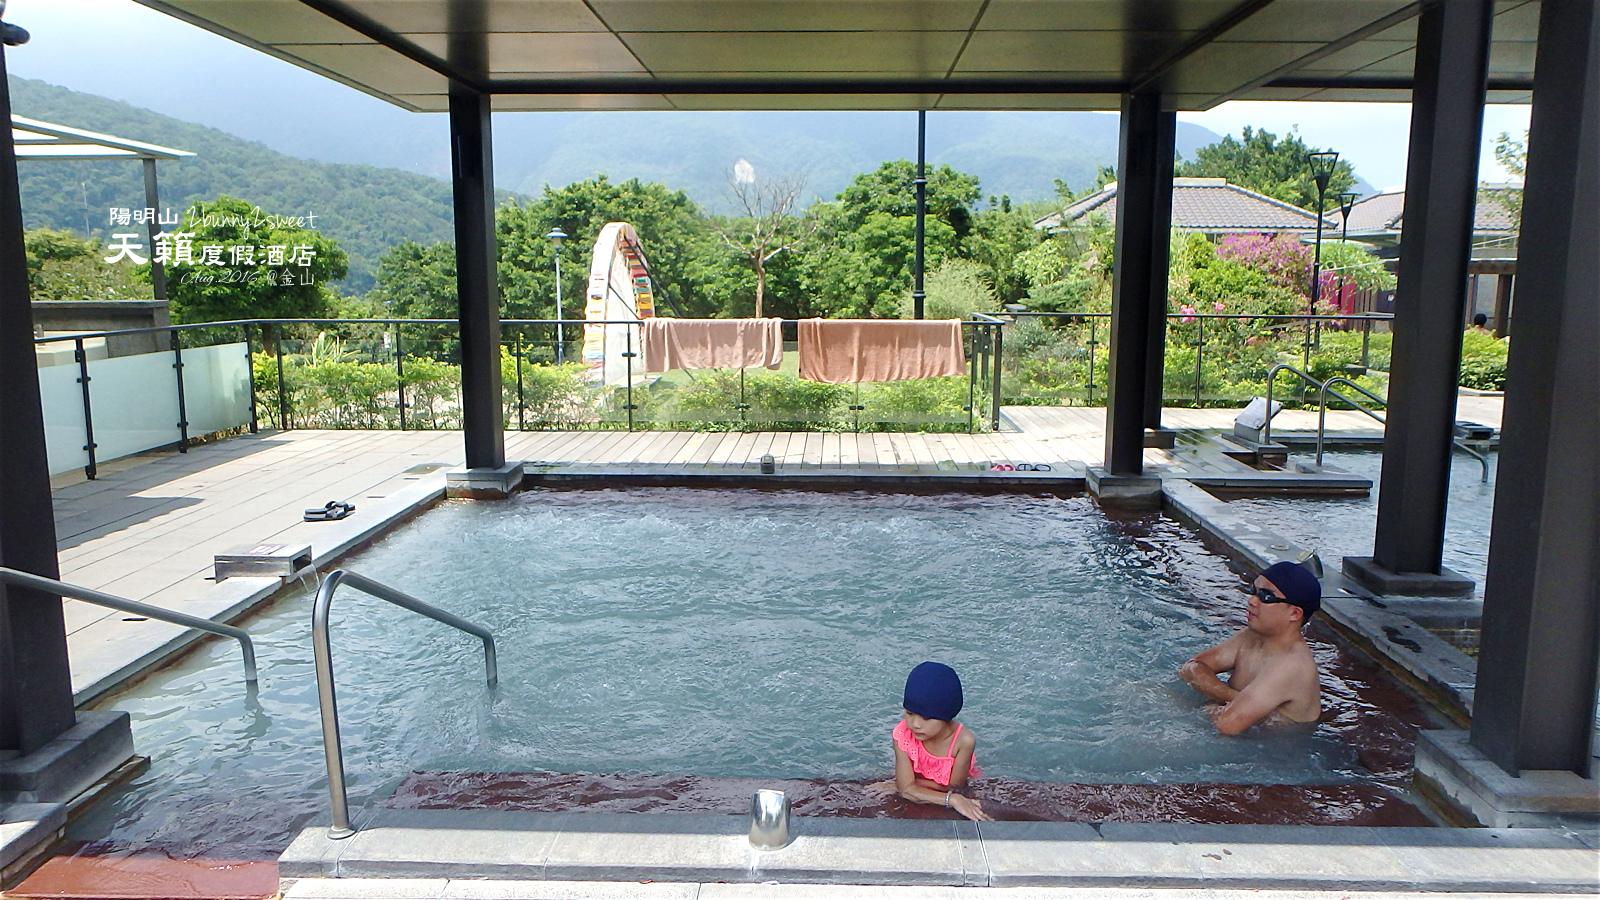 2016-0820-天籟度假酒店-206.jpg